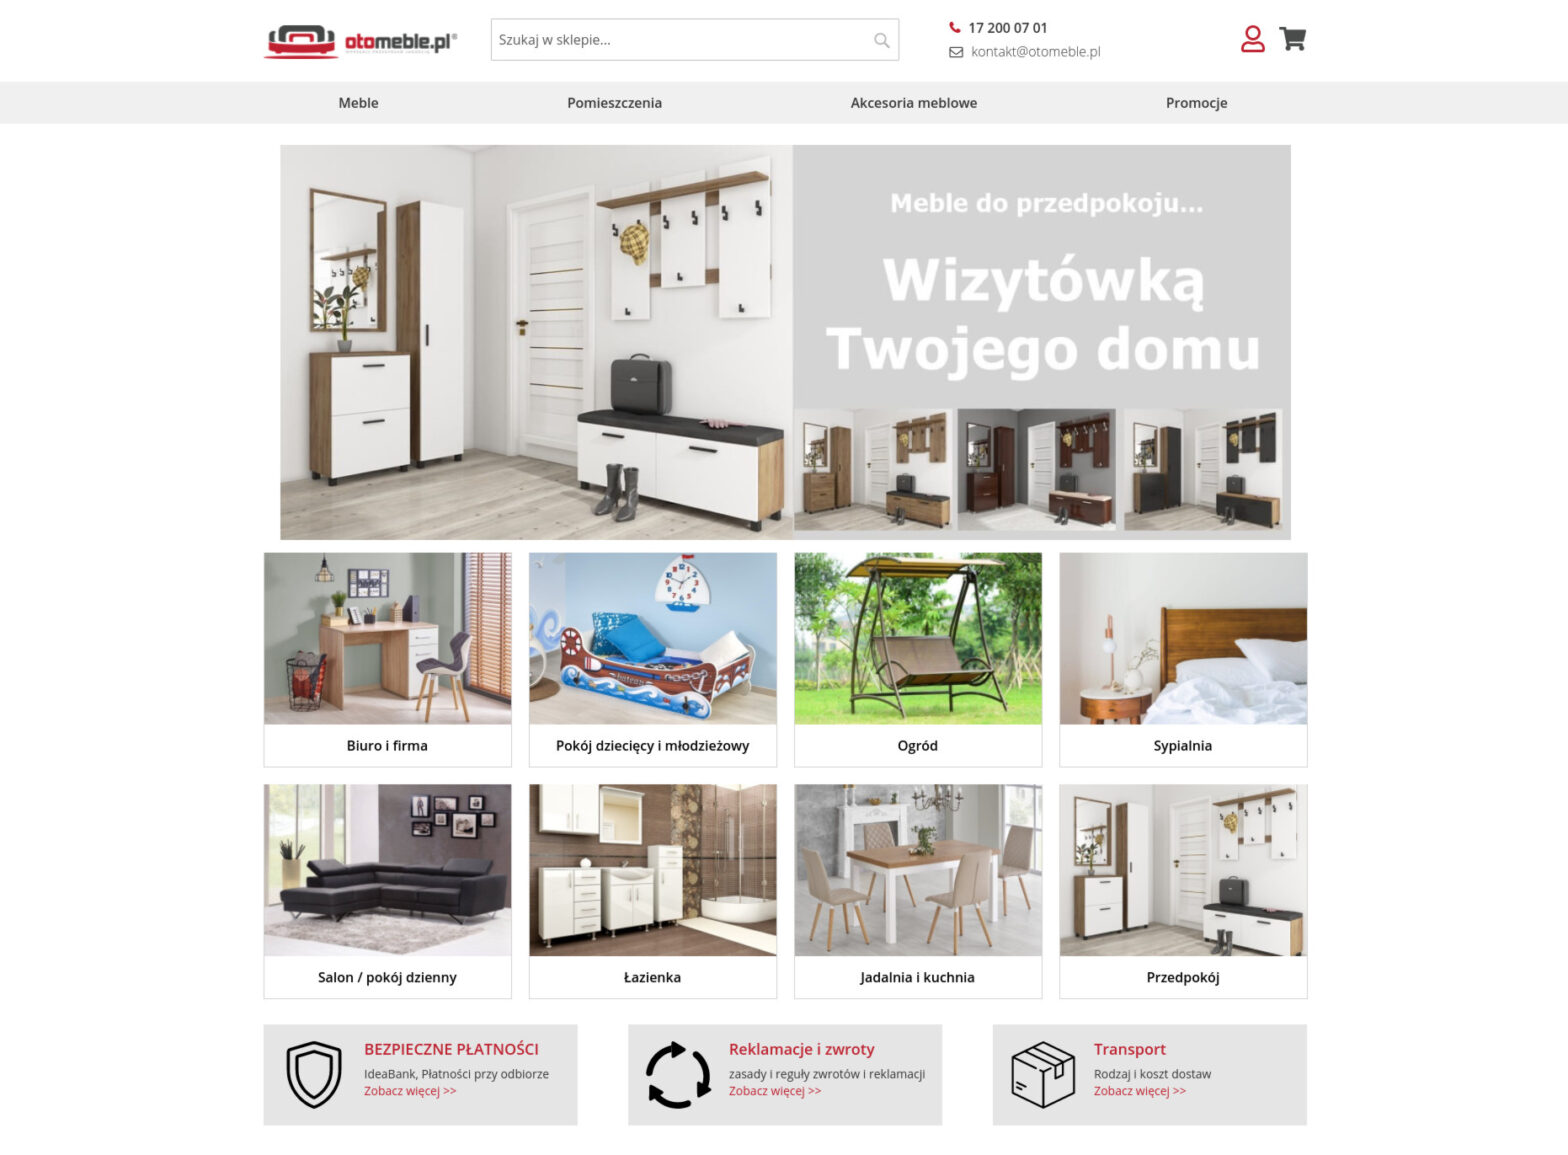 otomeble.pl - meble, wyposażenie wnętrz, akcesoria meblowe